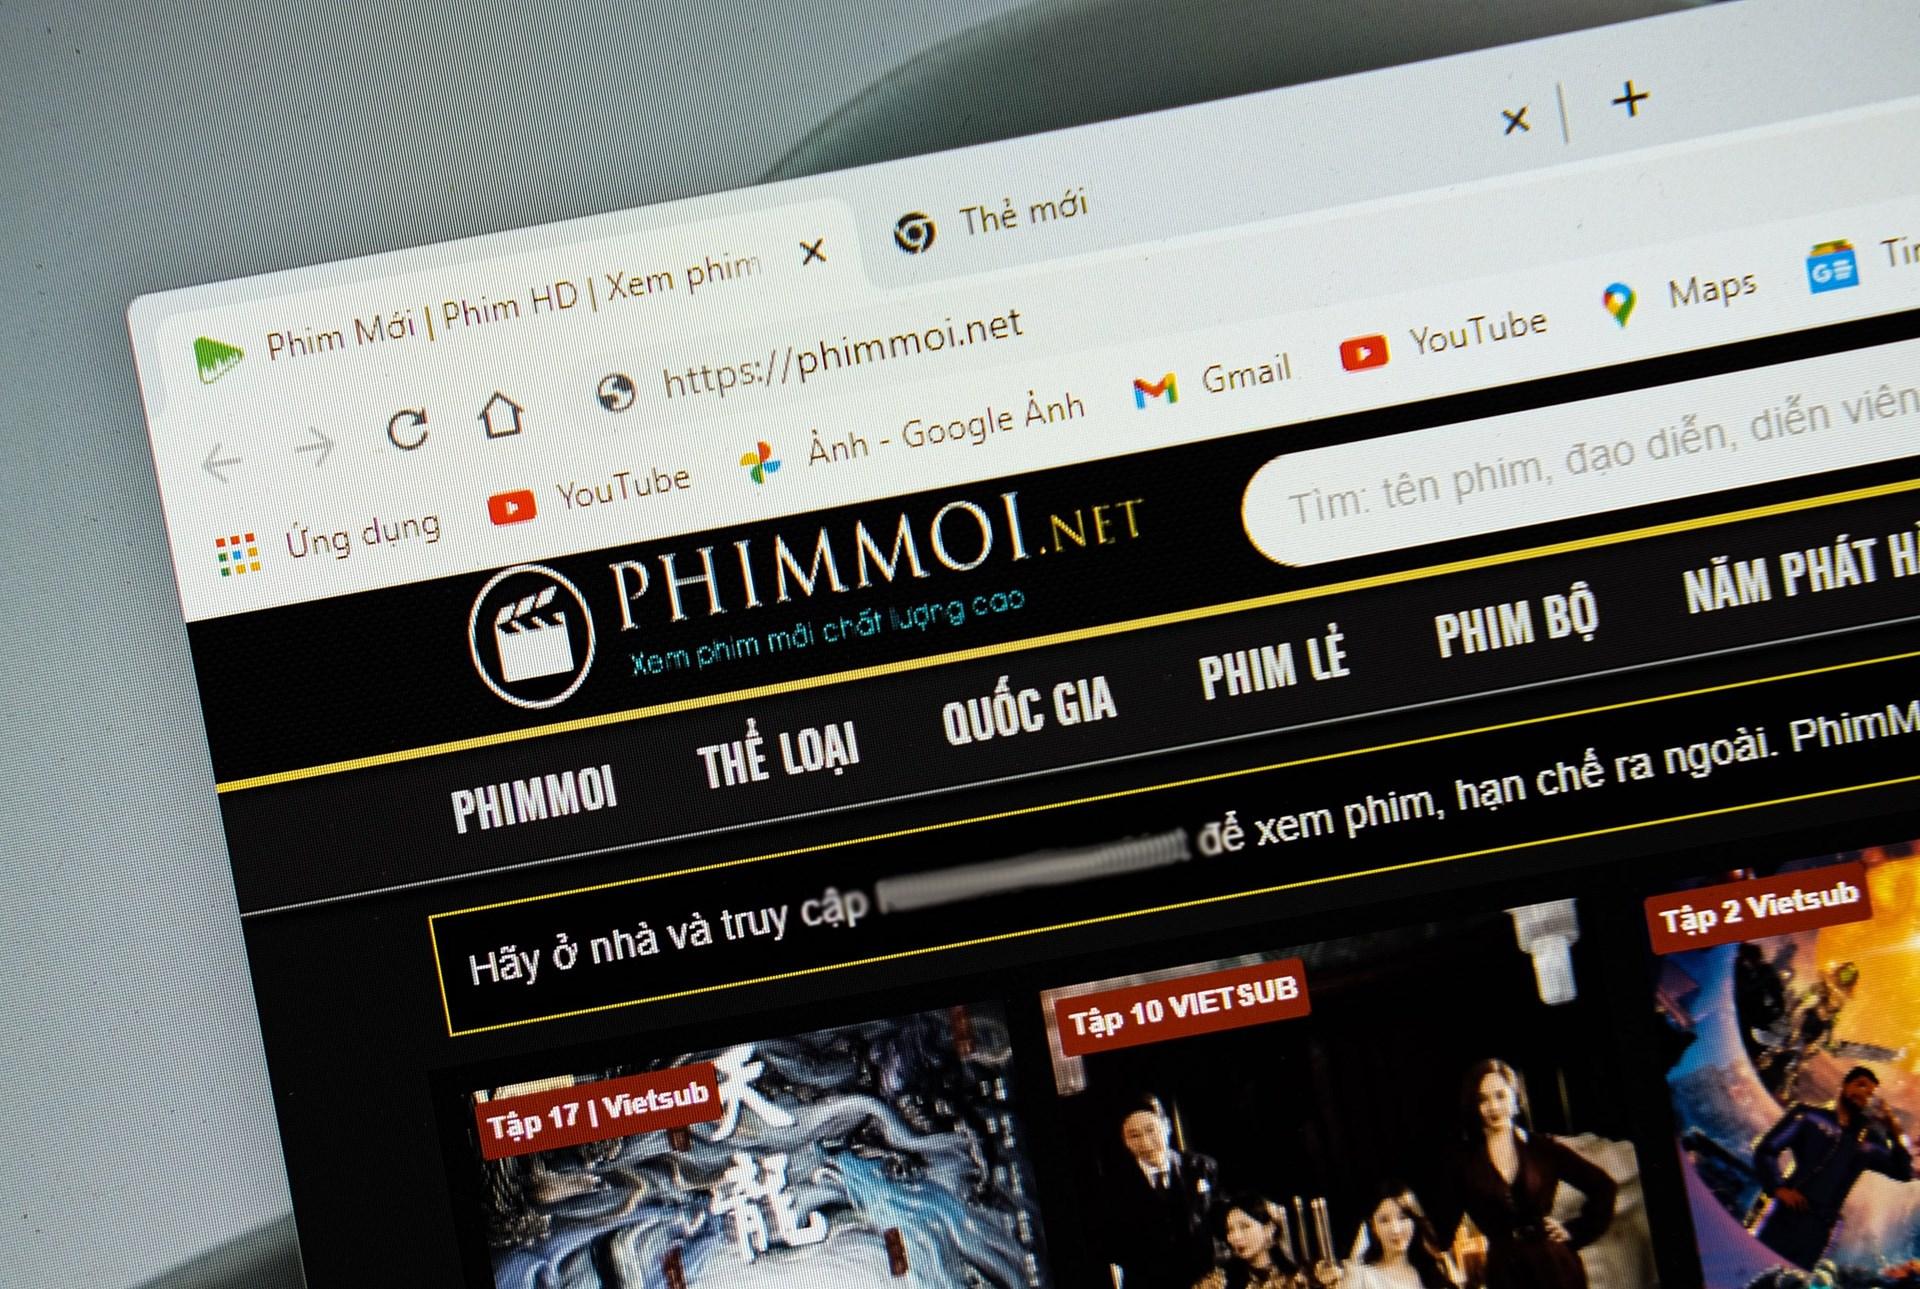 Người đứng đầu Phimmoi.net đặt máy chủ ở đâu trước khi bị khởi tố?